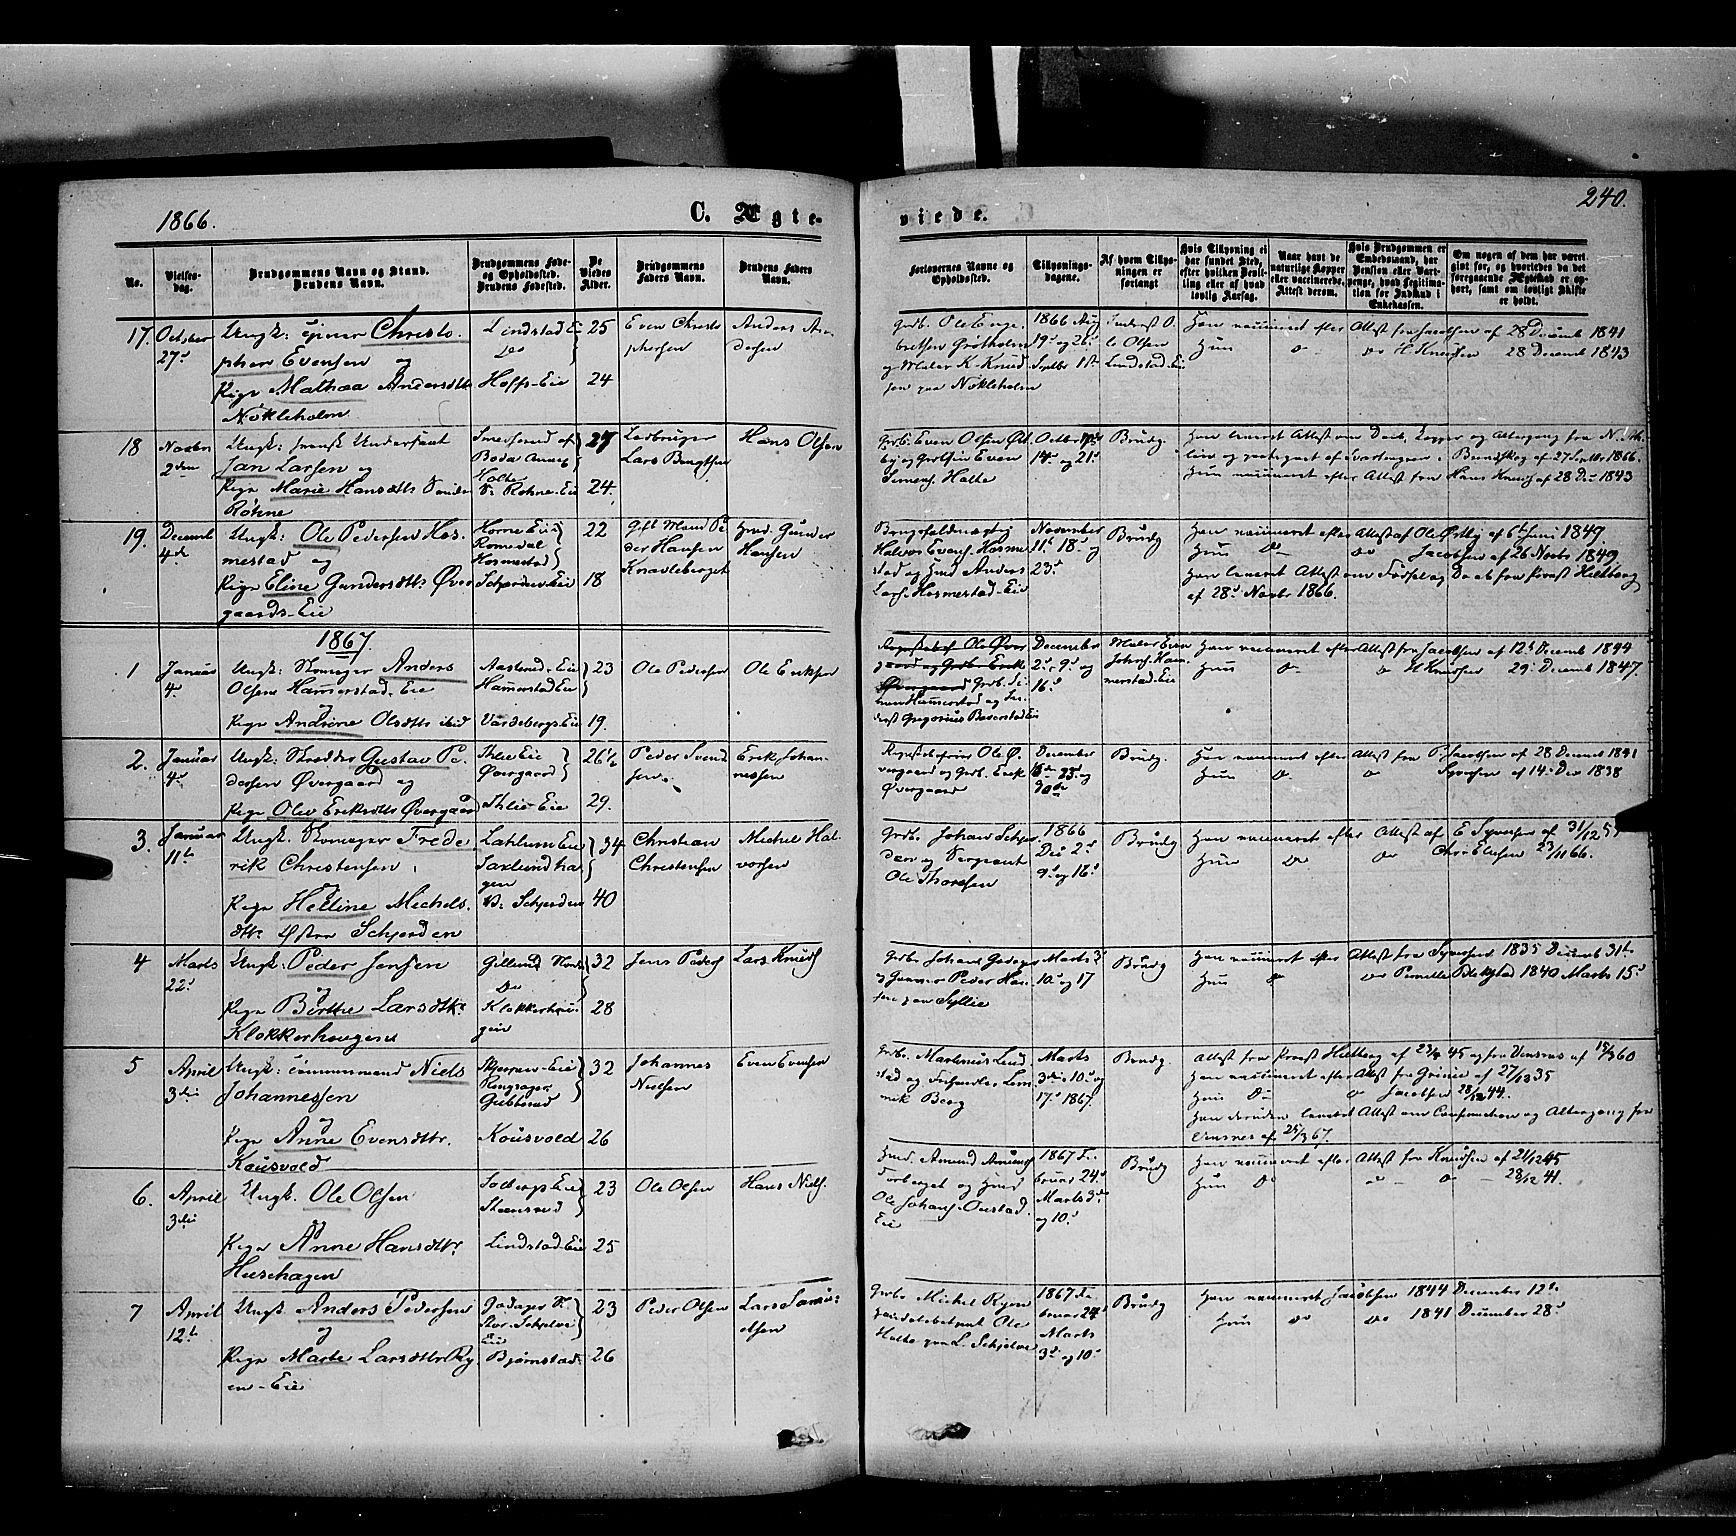 SAH, Stange prestekontor, K/L0013: Parish register (official) no. 13, 1862-1879, p. 240